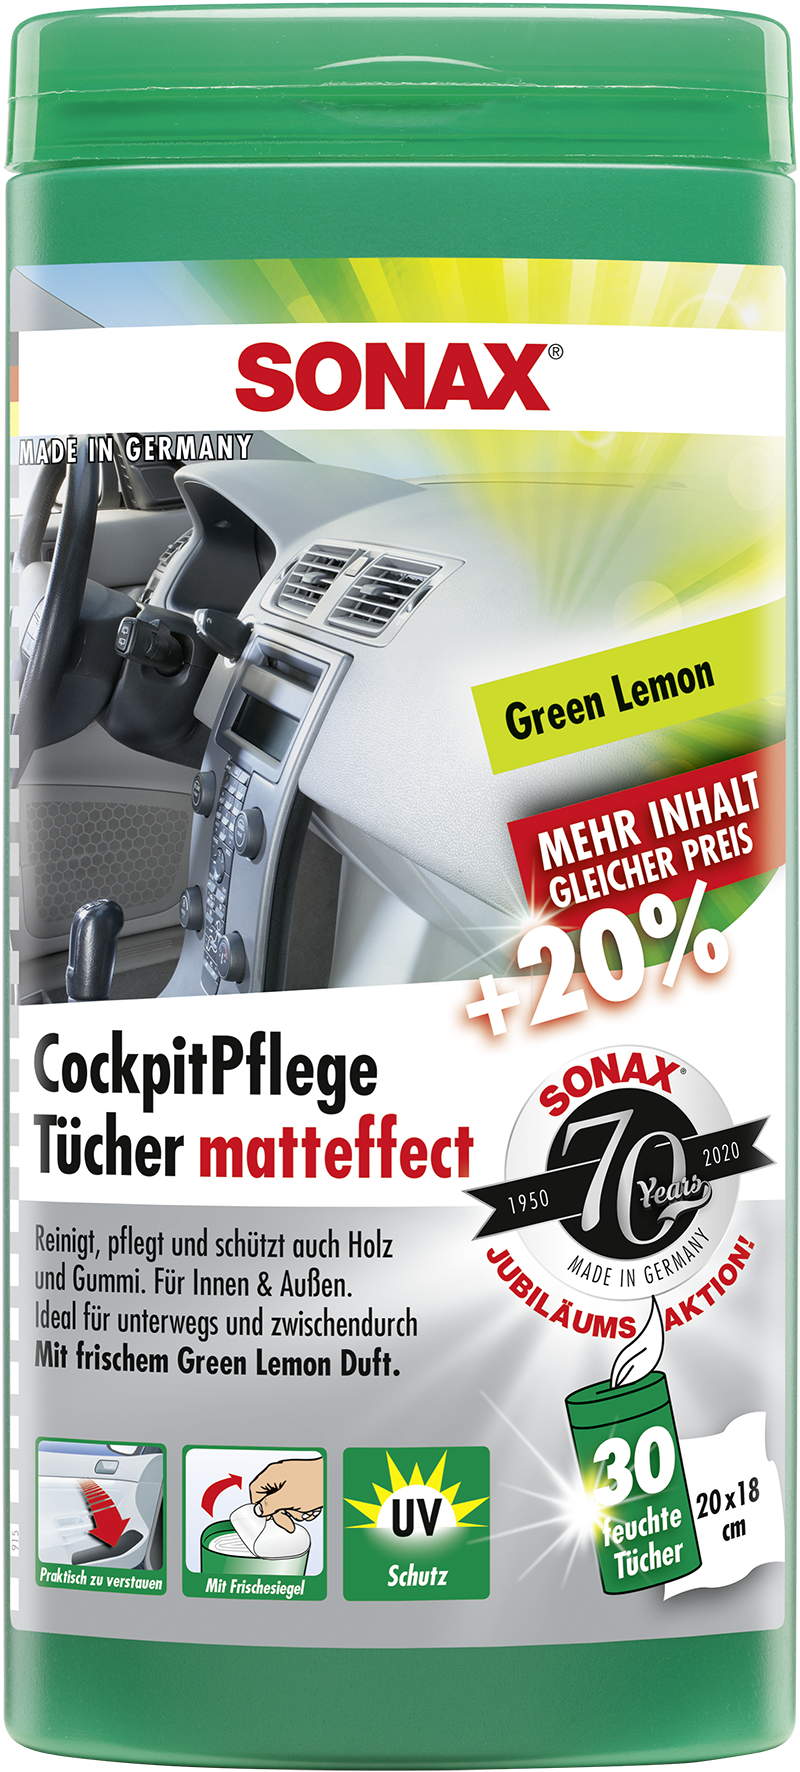 SONAX 04128000  CockpitPflegeTücher Matteffect Green Lemon Box Jubiläumsaktion +20% 30 Stück